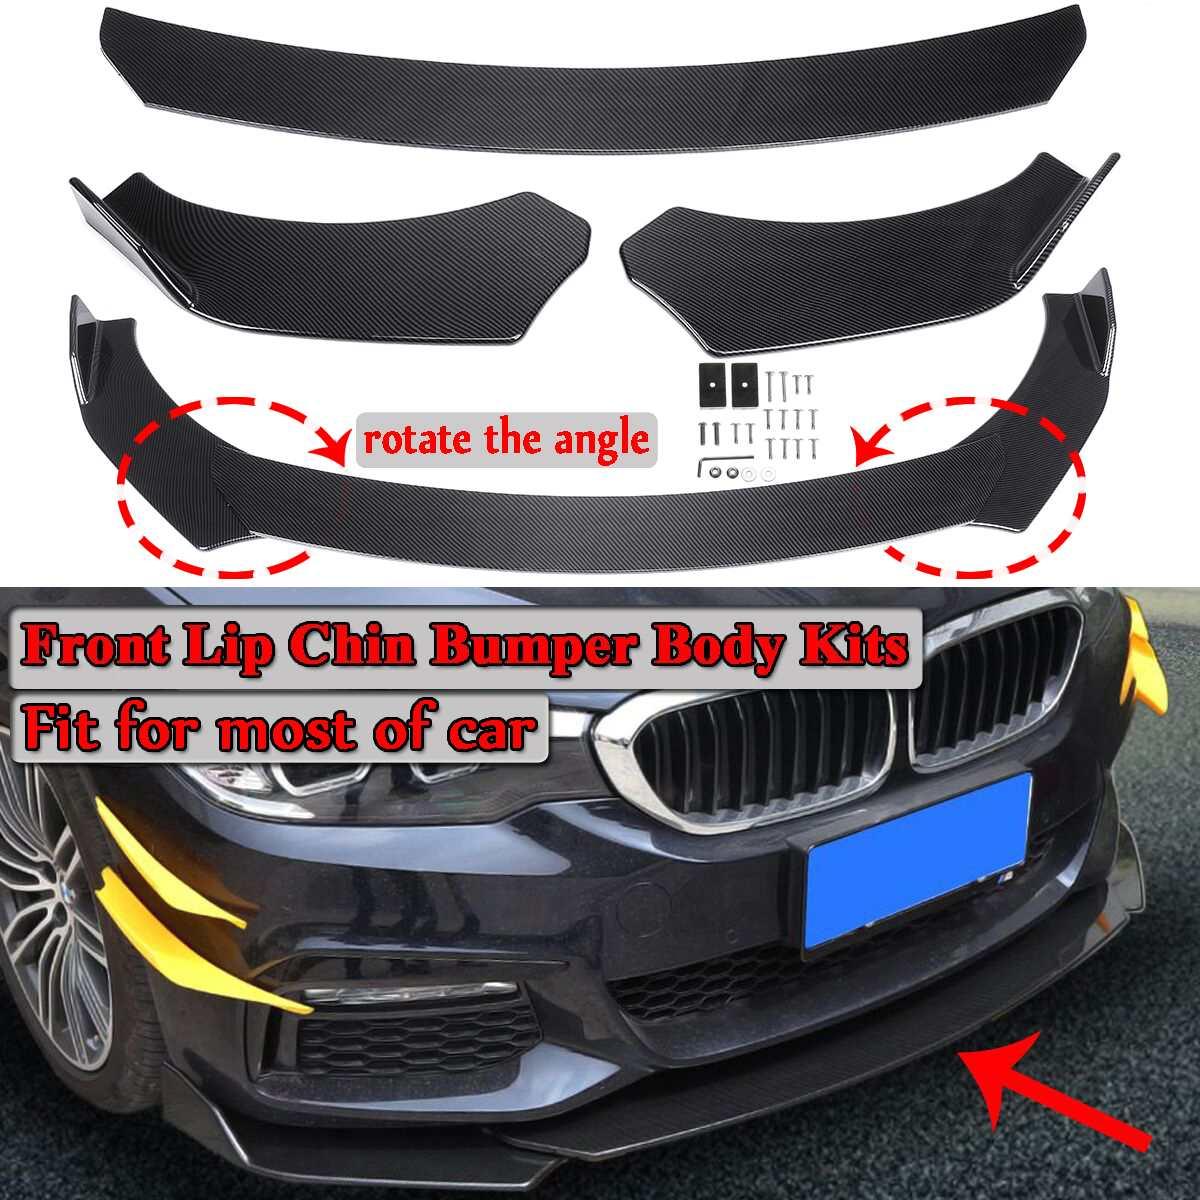 Fibre de carbone Look/Noir Universel 3 Pièces De Voiture Avant Lip Chin Pare-chocs Corps Kits Rotation L'angle Nouveau Pour honda Pour BMW Pour Benz